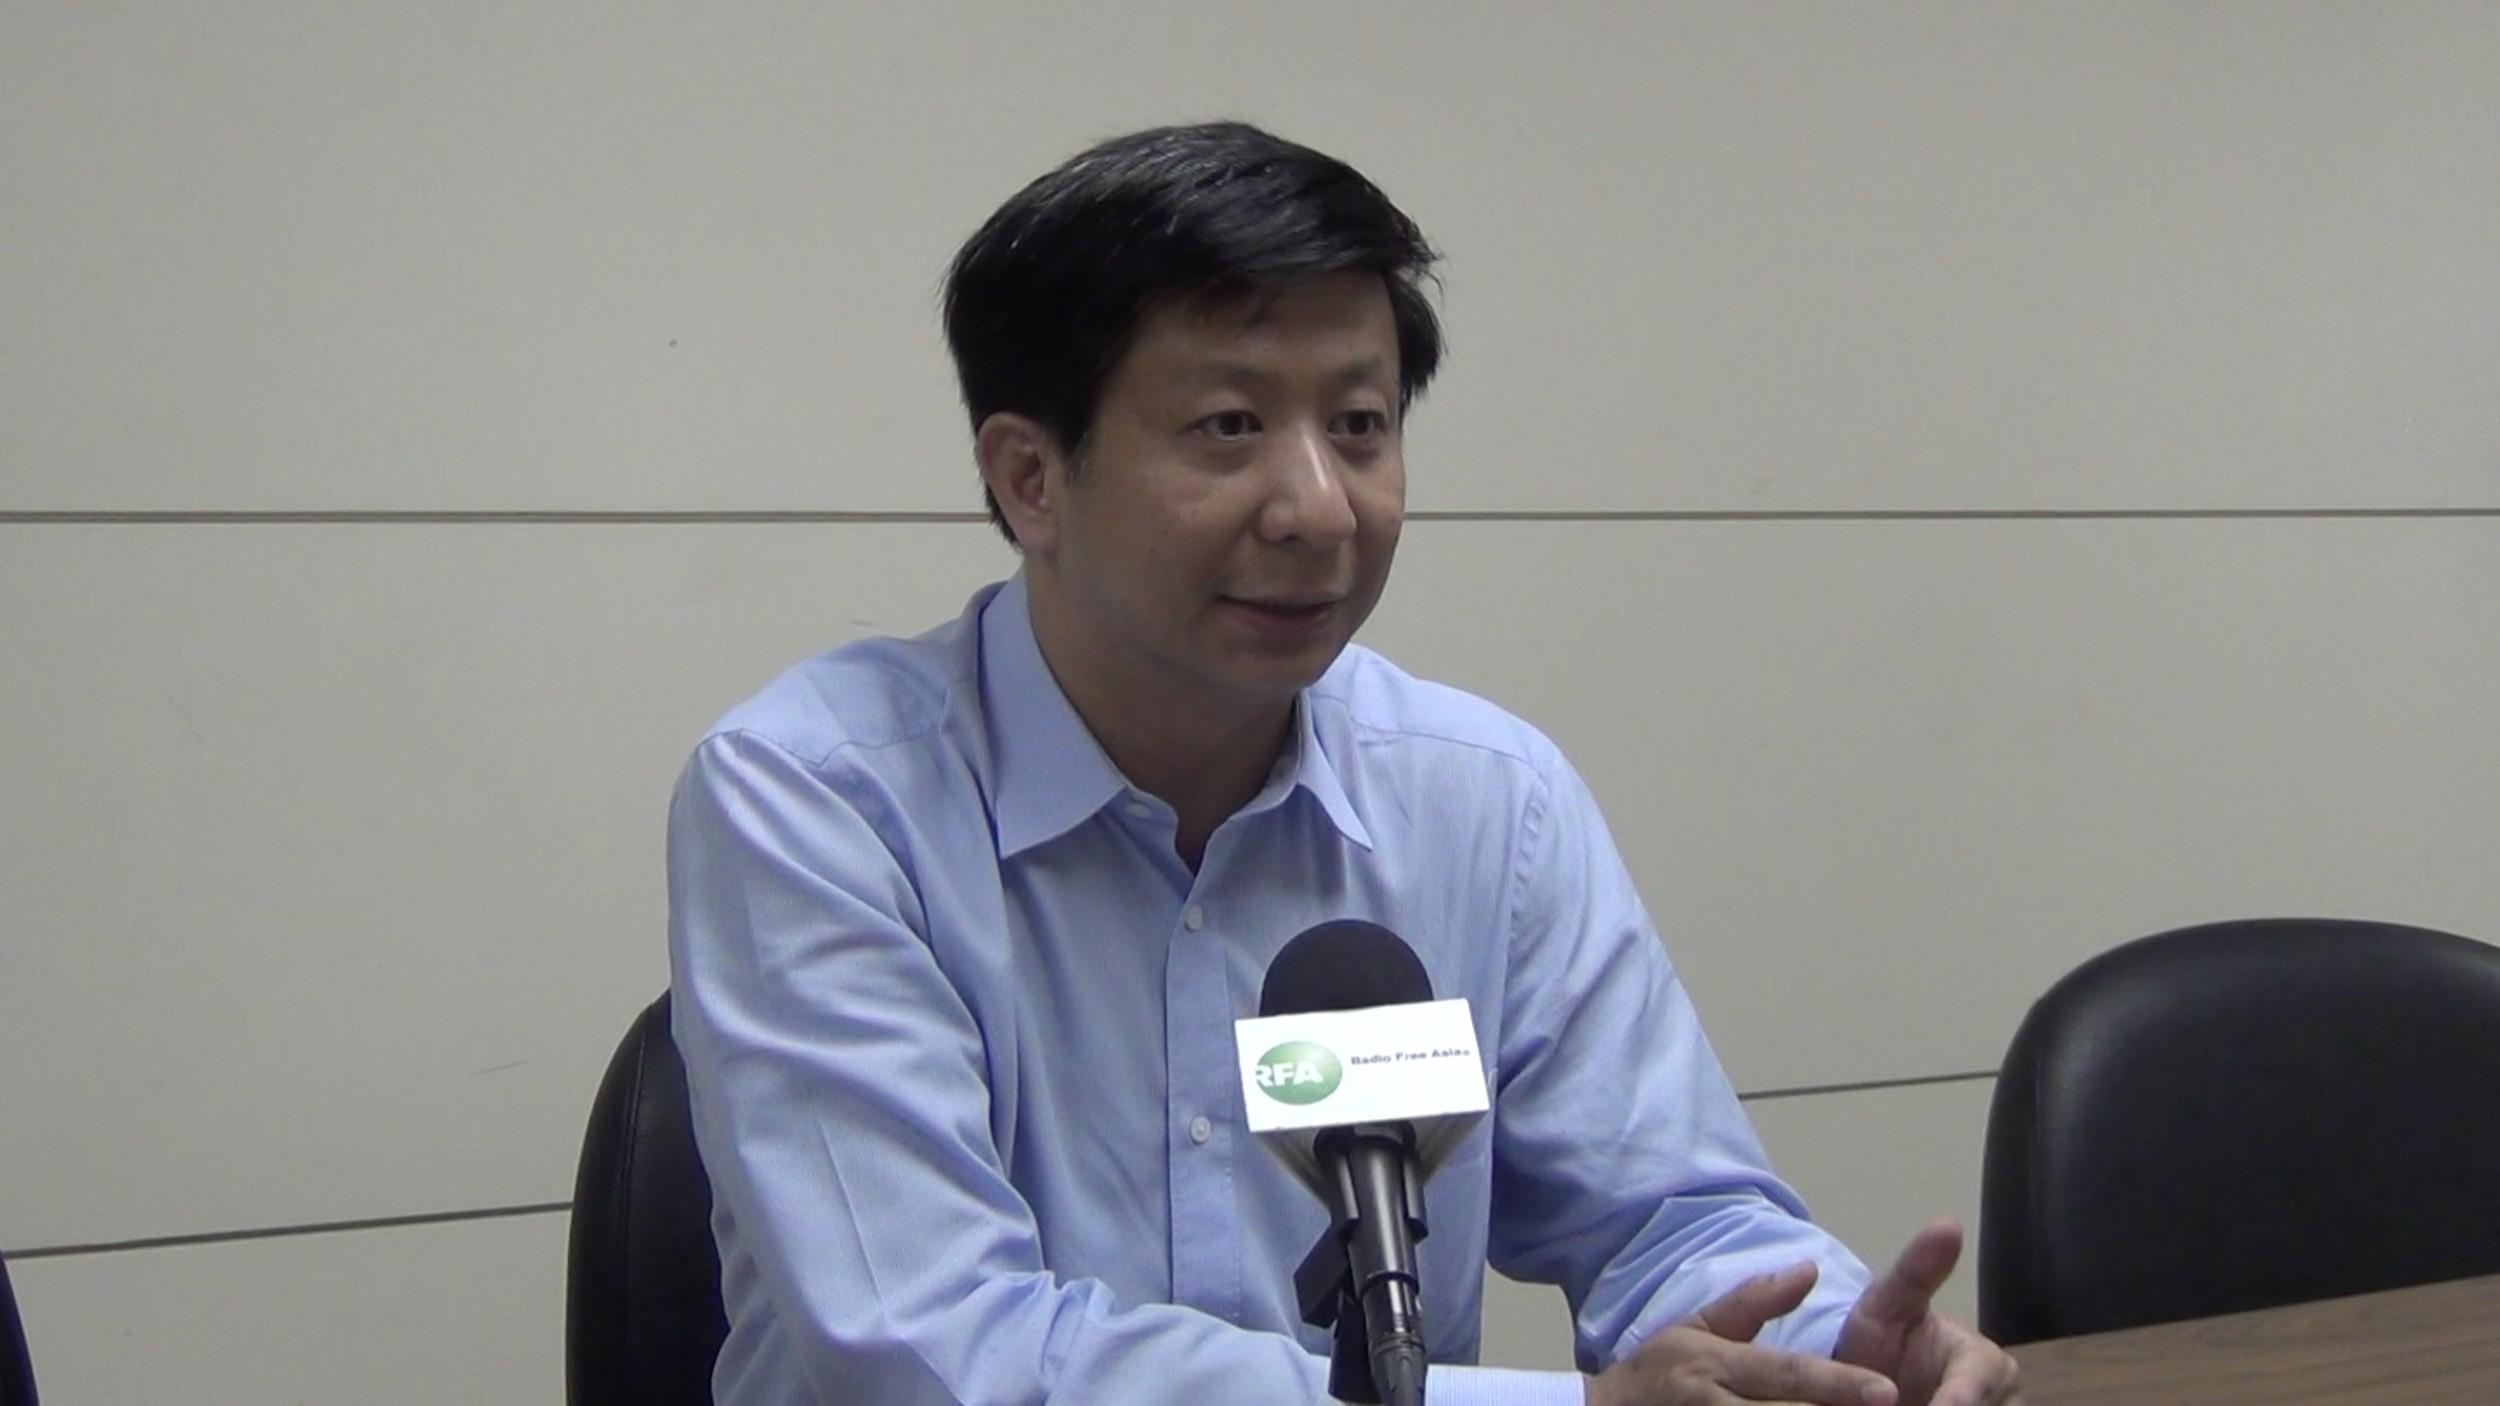 台湾国家政策研究基金会高级助理研究员揭仲。(RFA资料图)